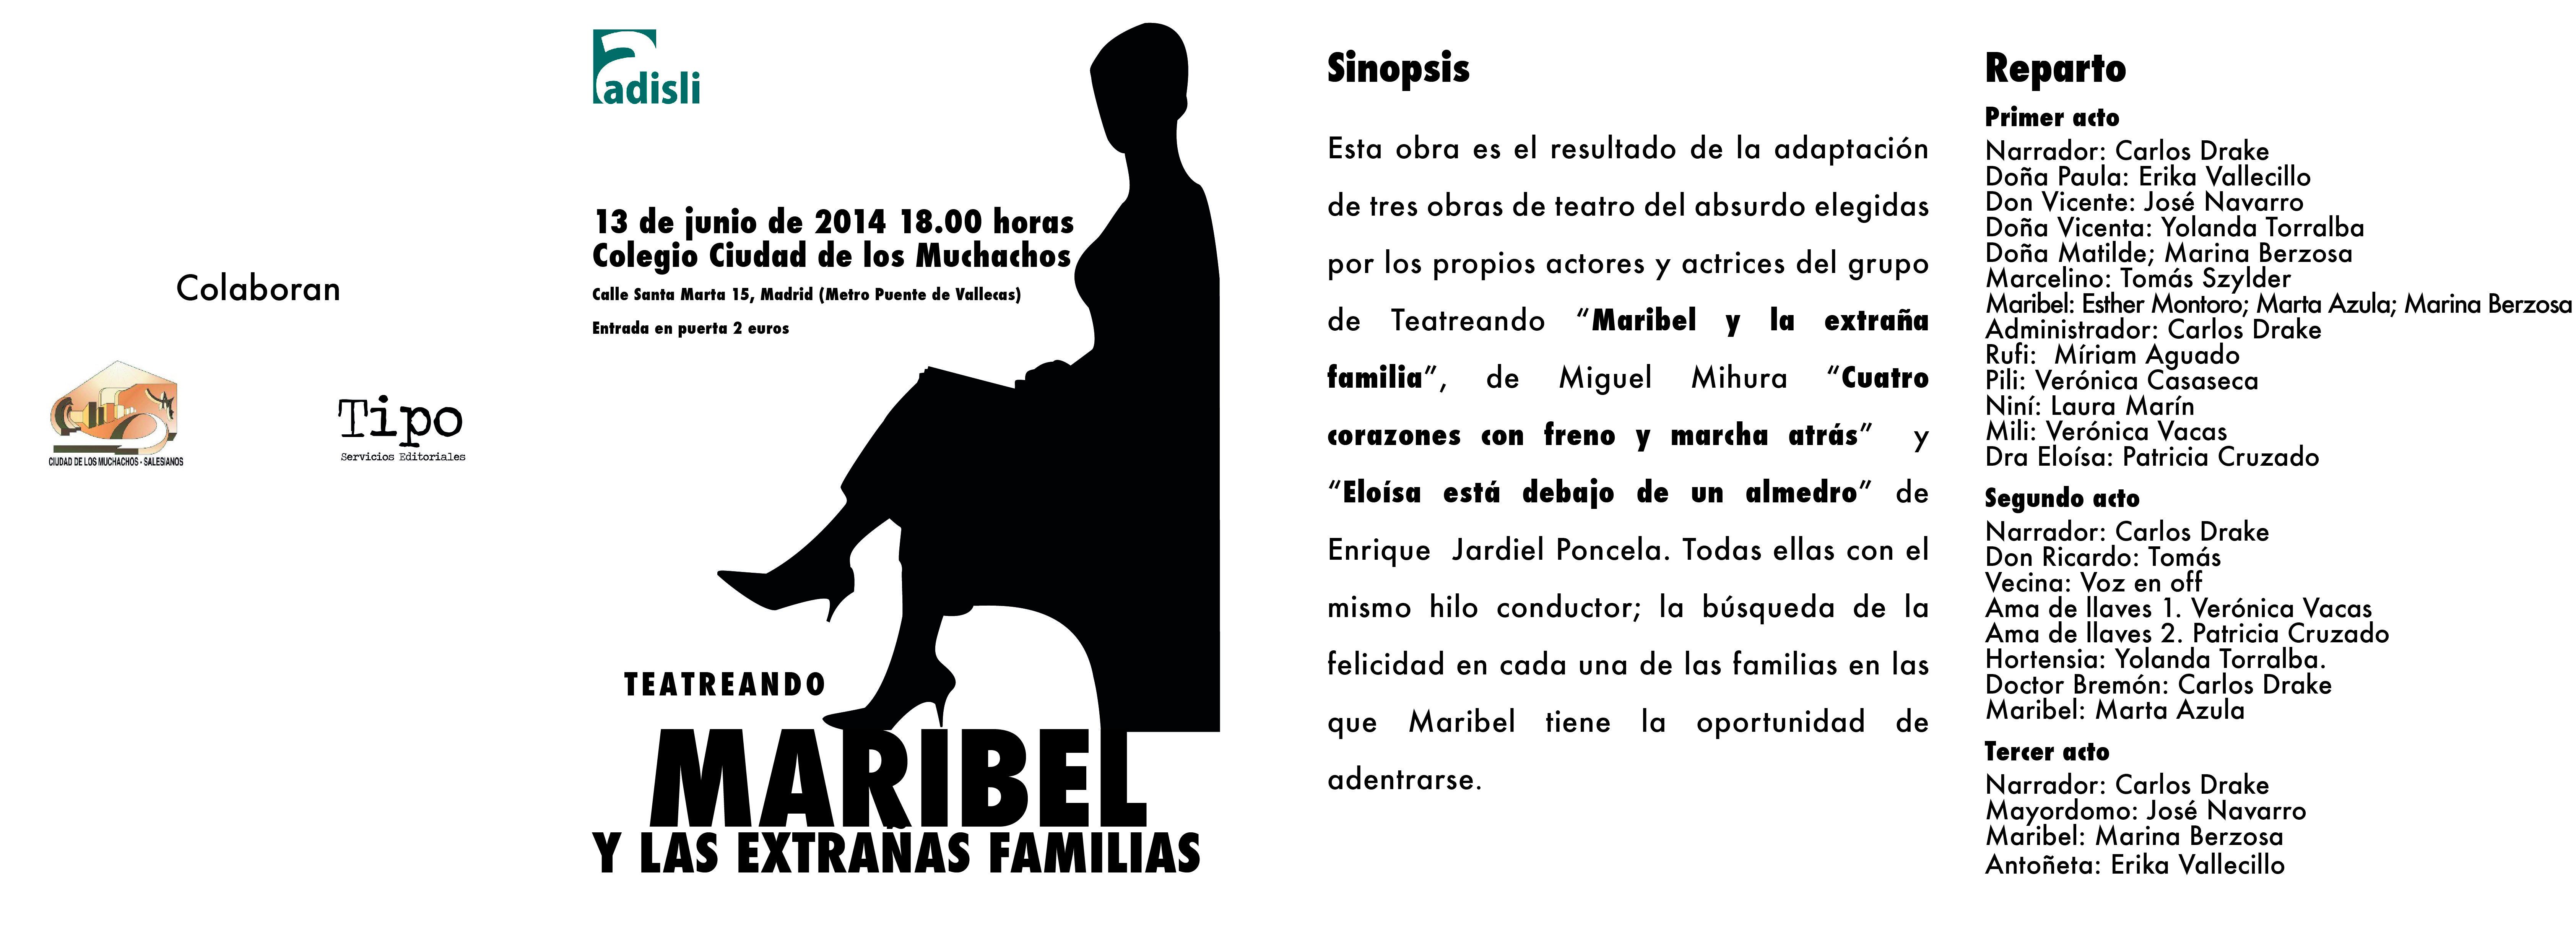 Libreto en formato díptico de la obra Maribel y las extrañas familias de Adisli